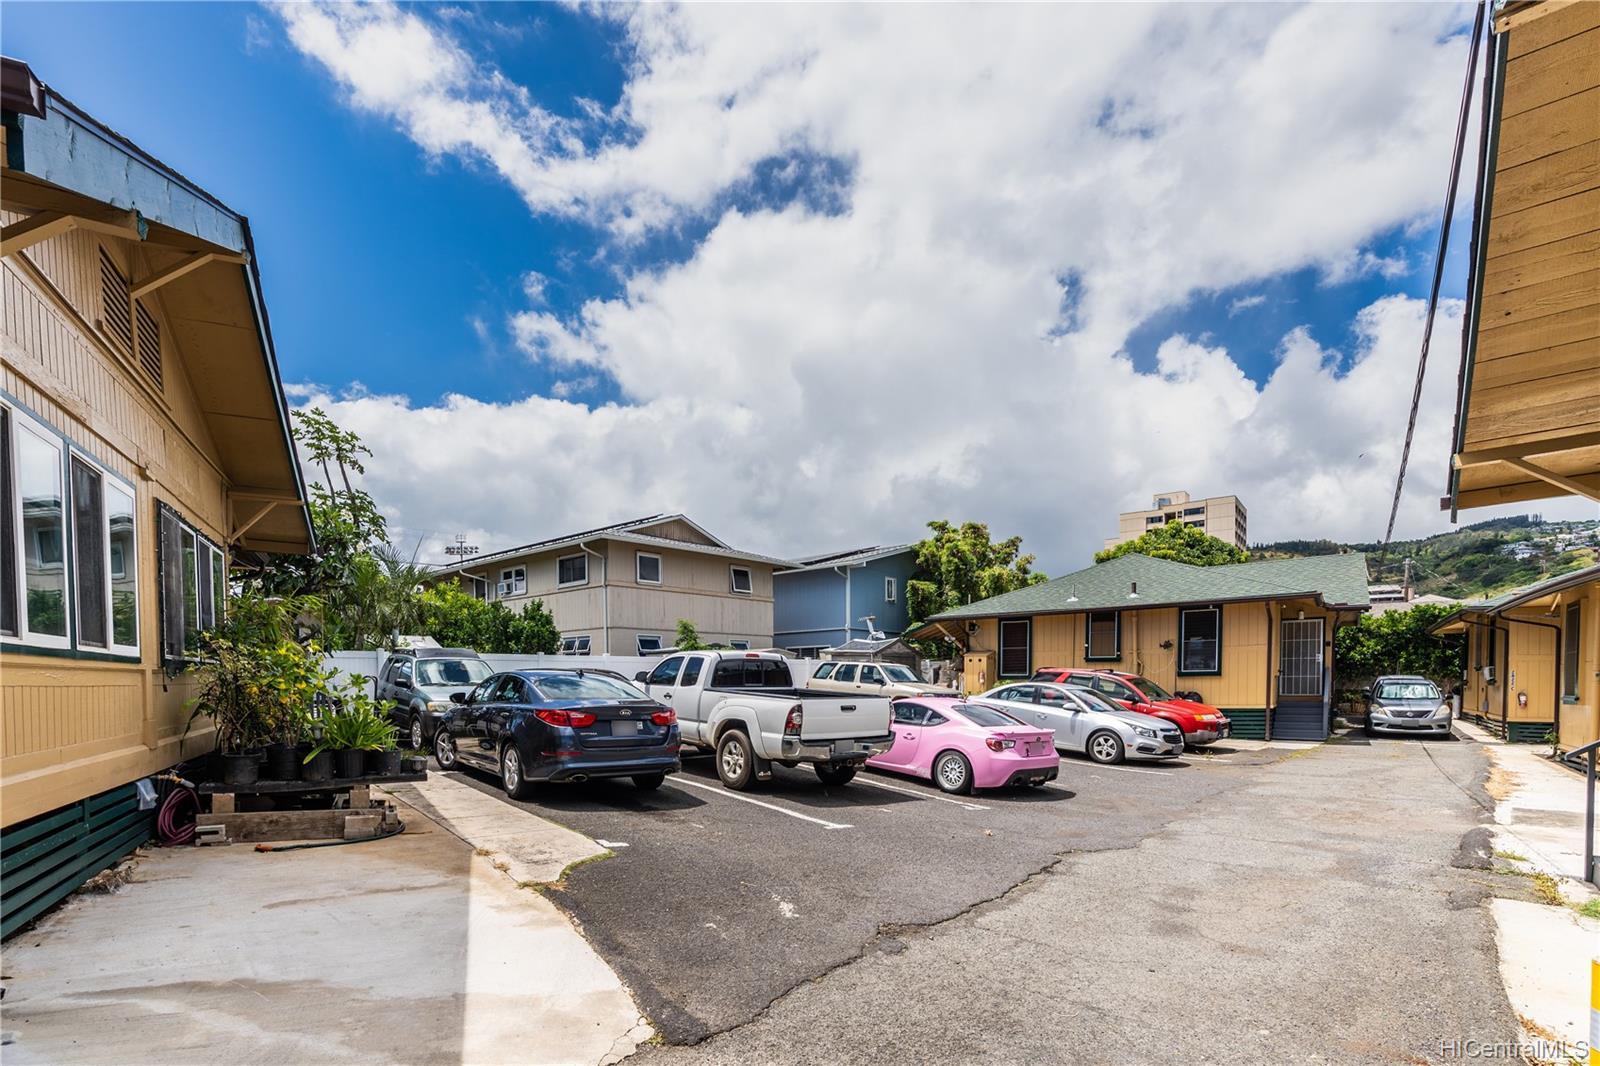 2816 Waialae Ave Honolulu - Multi-family - photo 21 of 21